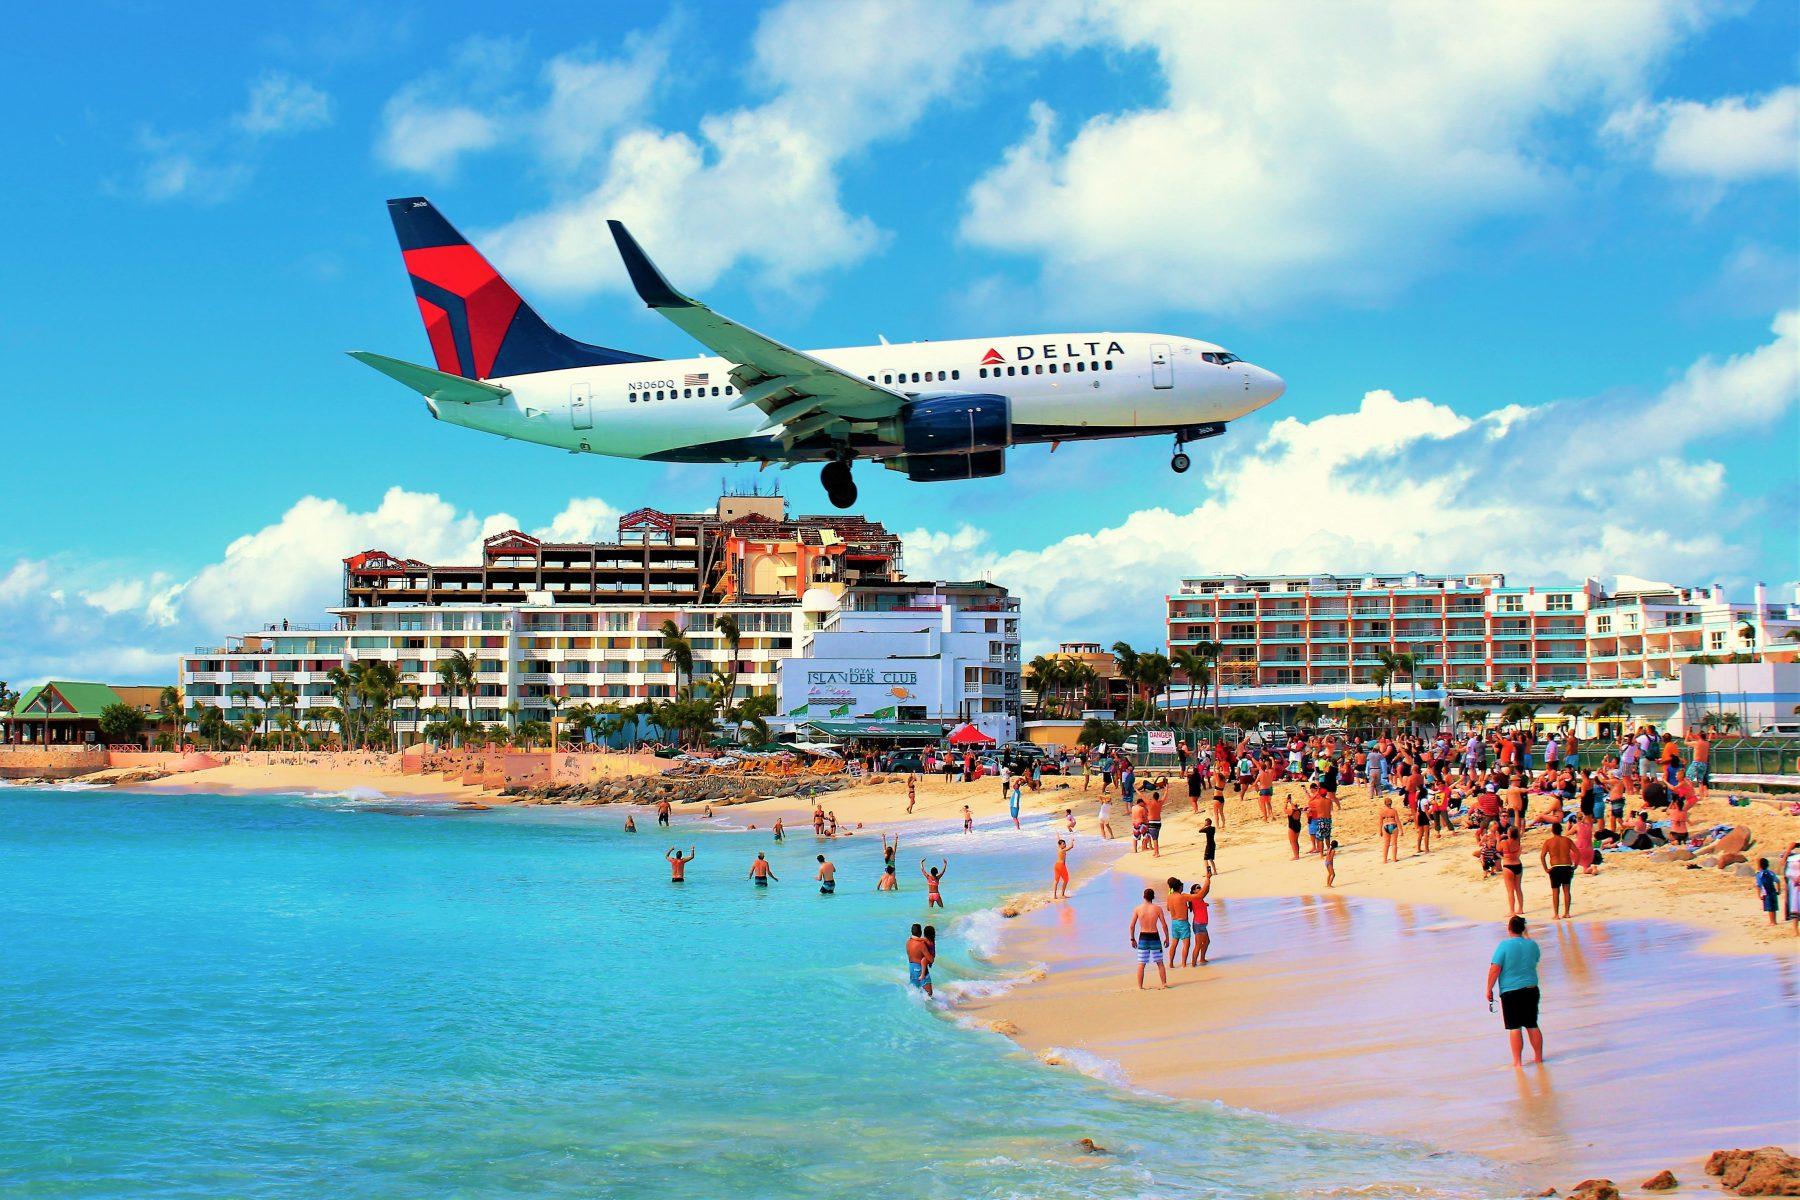 Uçaklarda Ücretsiz Wi-Fi Hizmeti, Standart Hale Geliyor